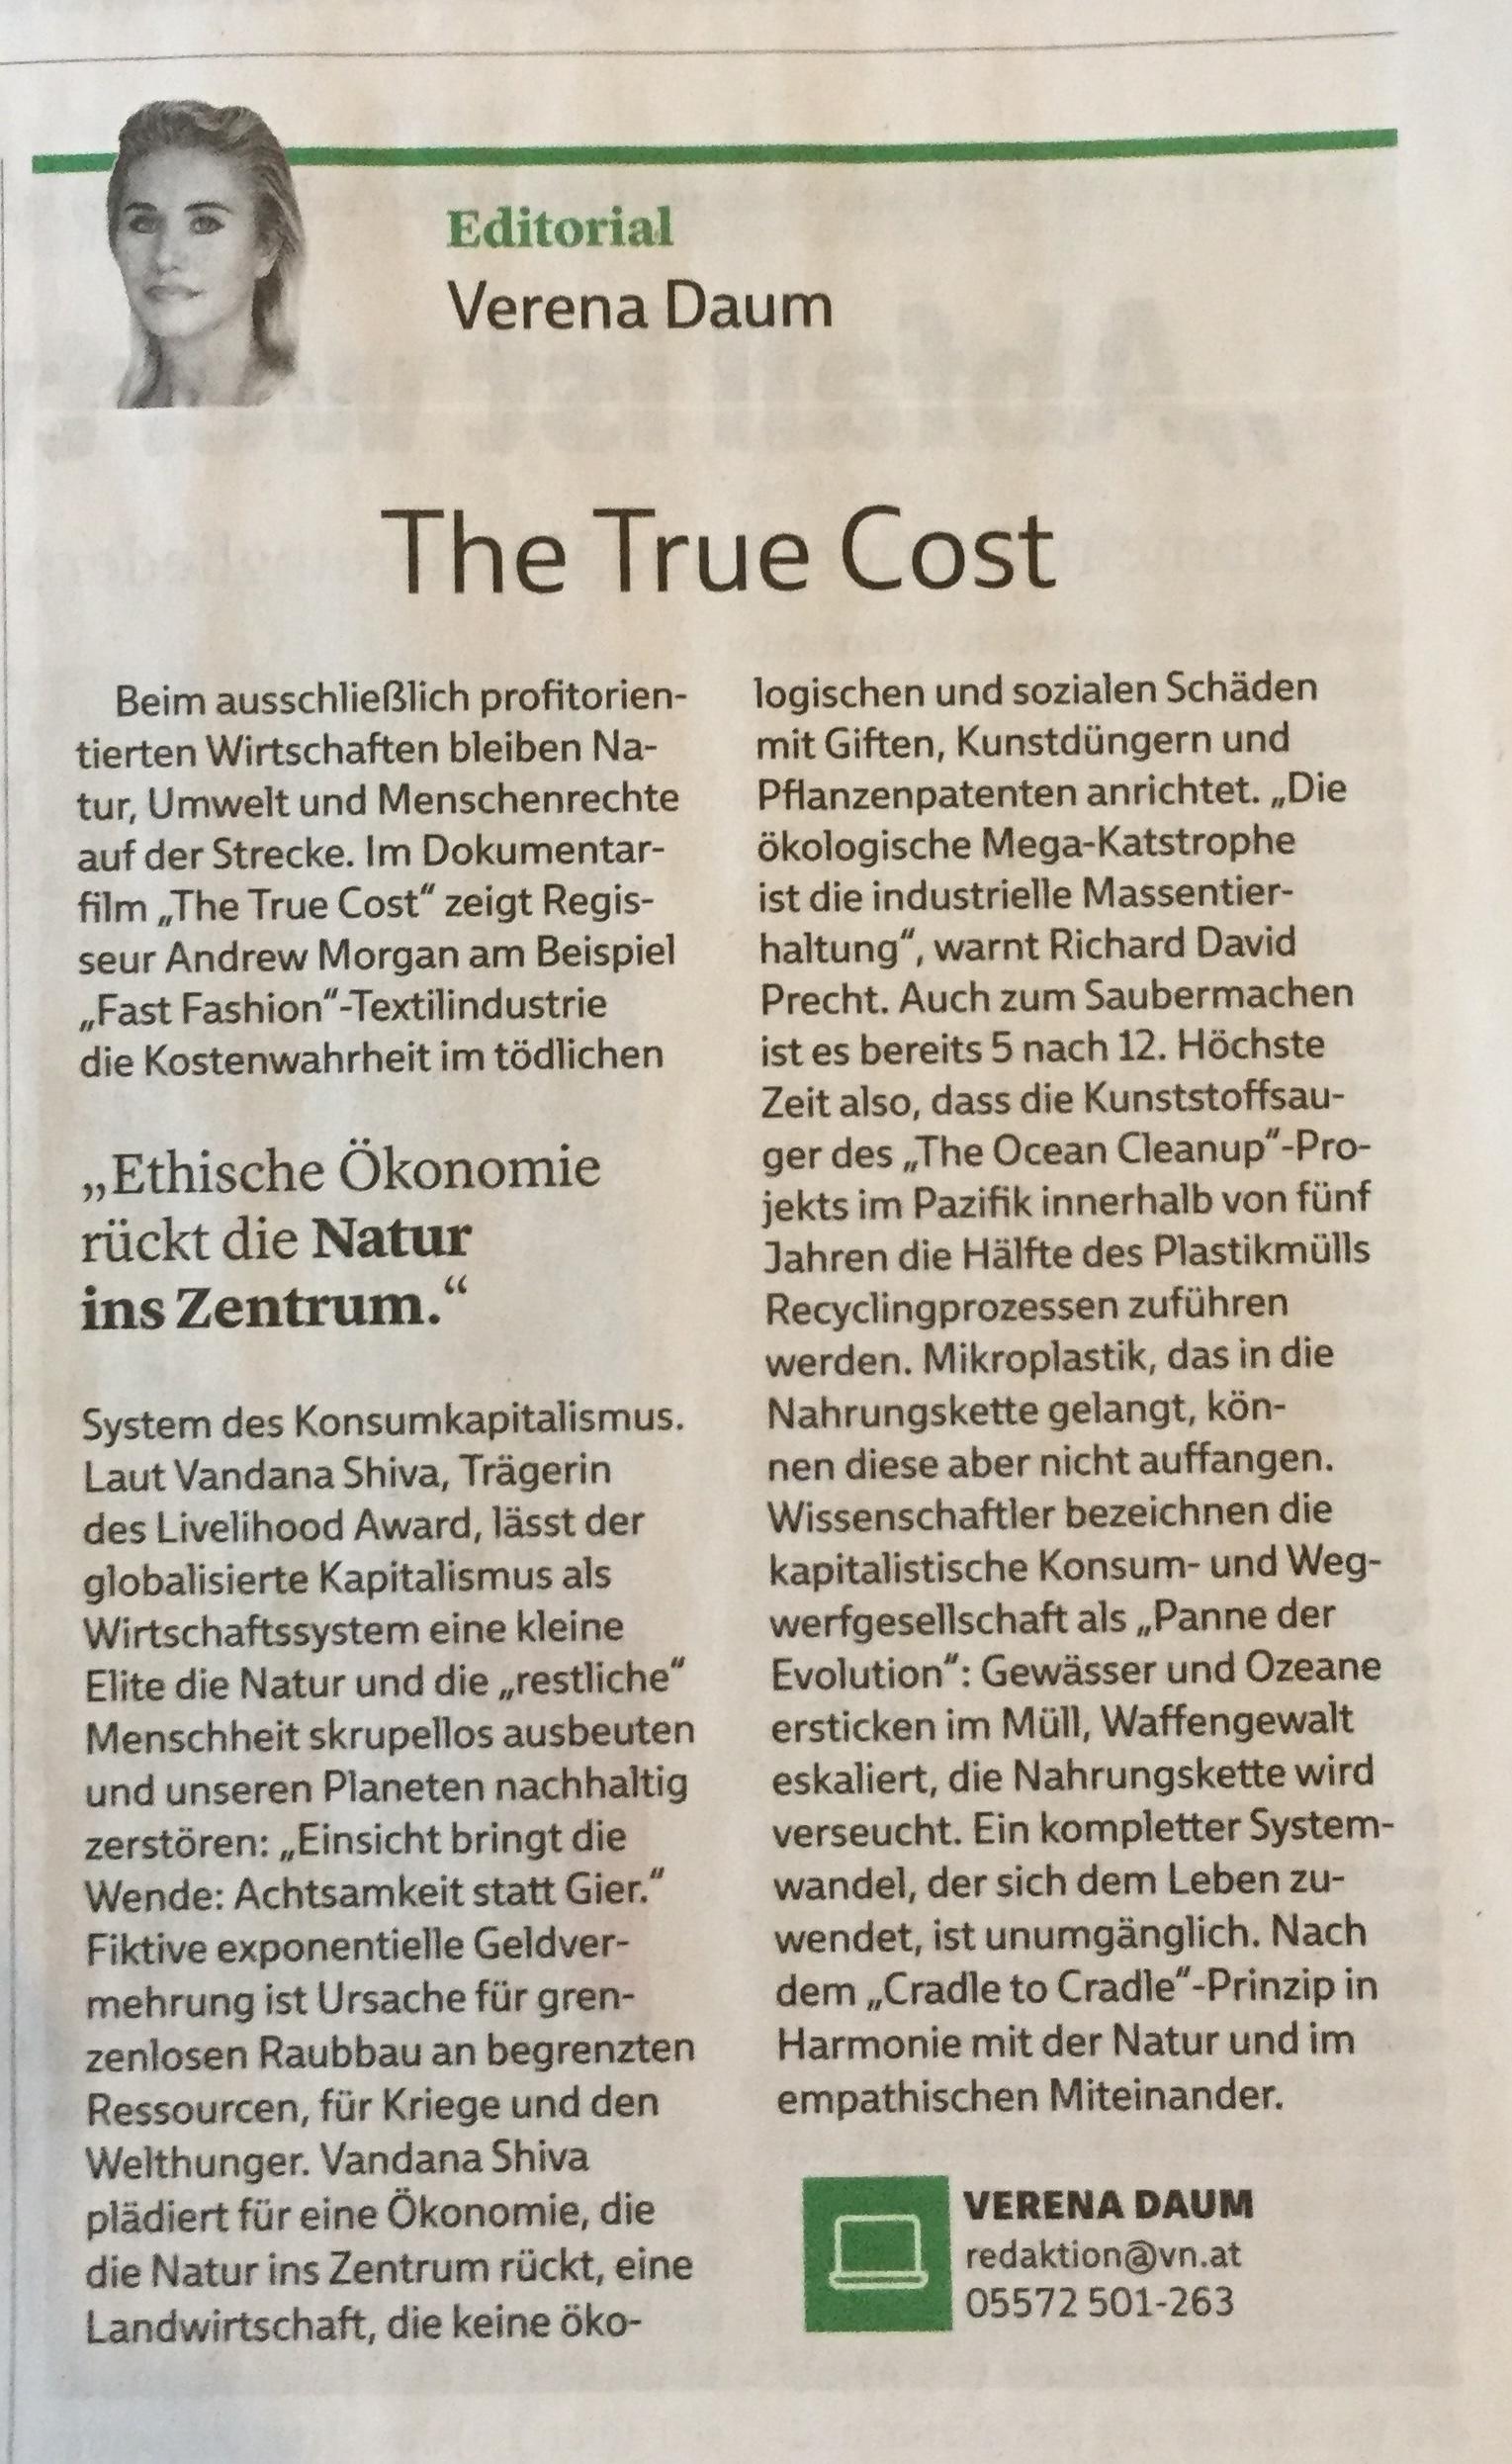 """The True Cost - ethische Ökonomie rückt die Natur ins Zentrum, by Verena Daum Vorarlberger Nachrichten Extra-Ausgabe """"WERTVOLL - ökologische Initiativen für eine lebenswerte Zukunft"""" vom 22.9.2018, www.progression.at"""